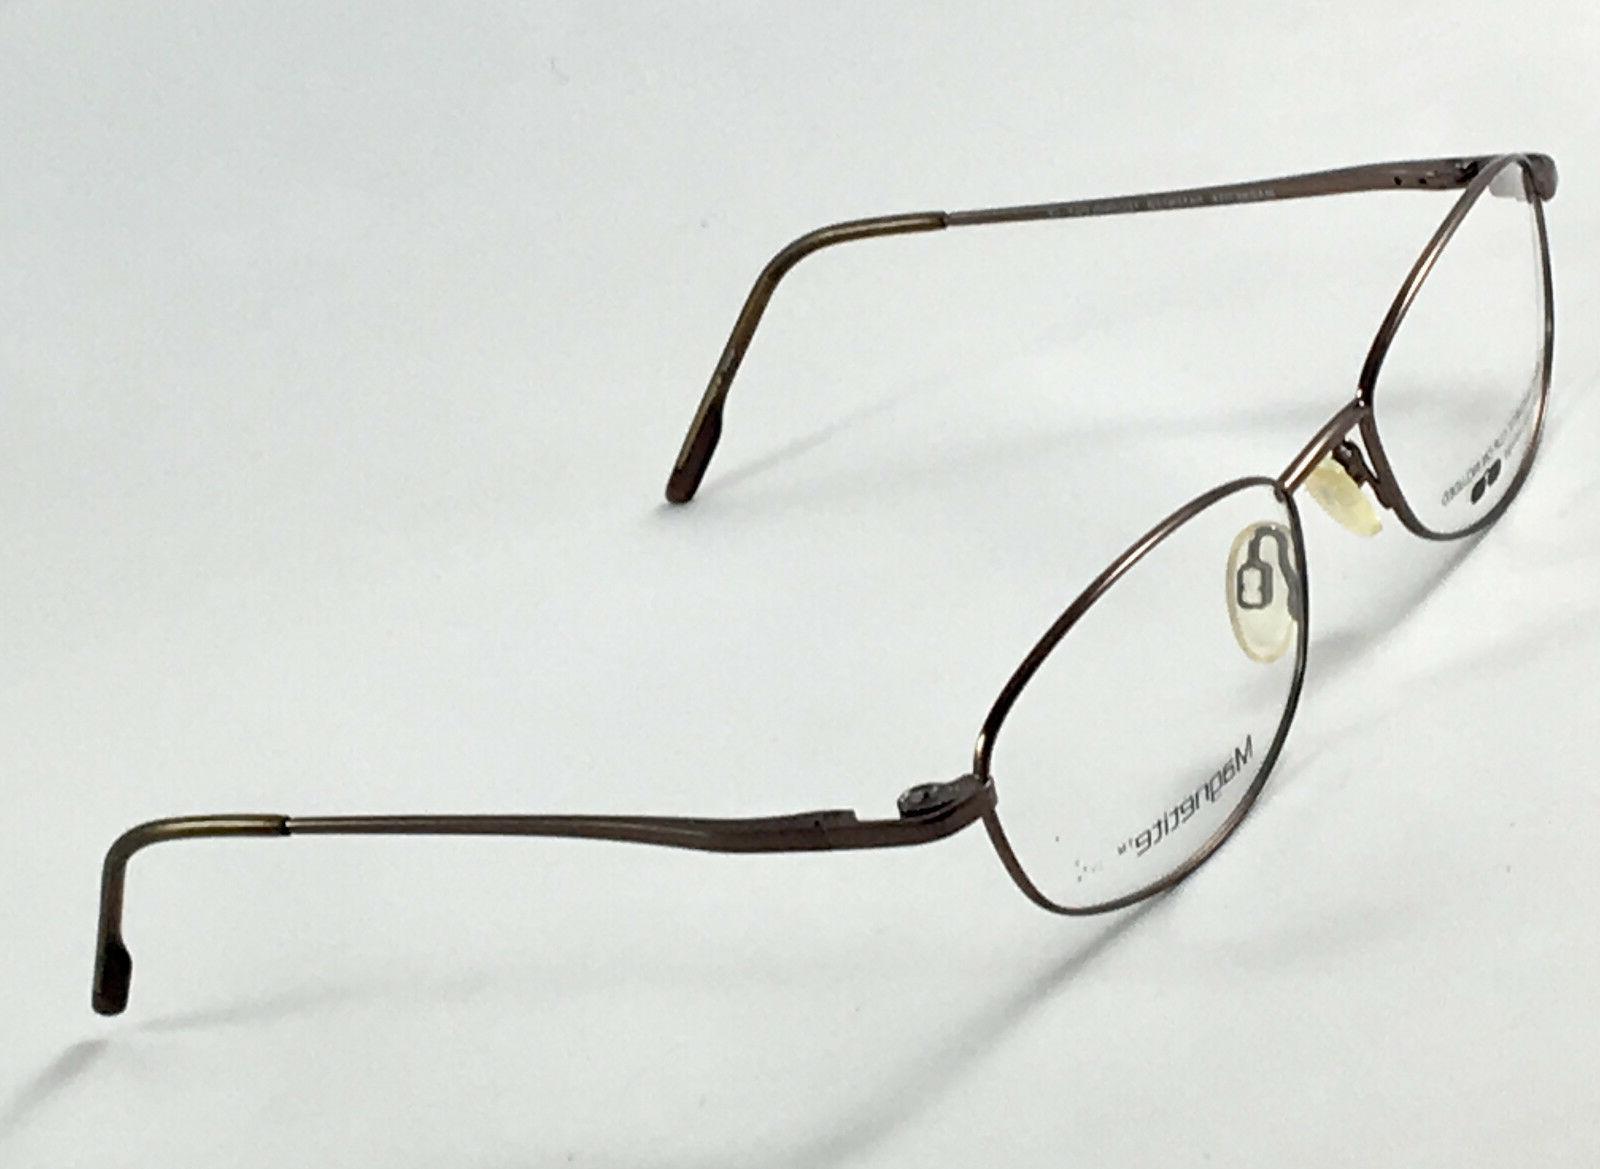 new mg775 10 men s eyeglasses w